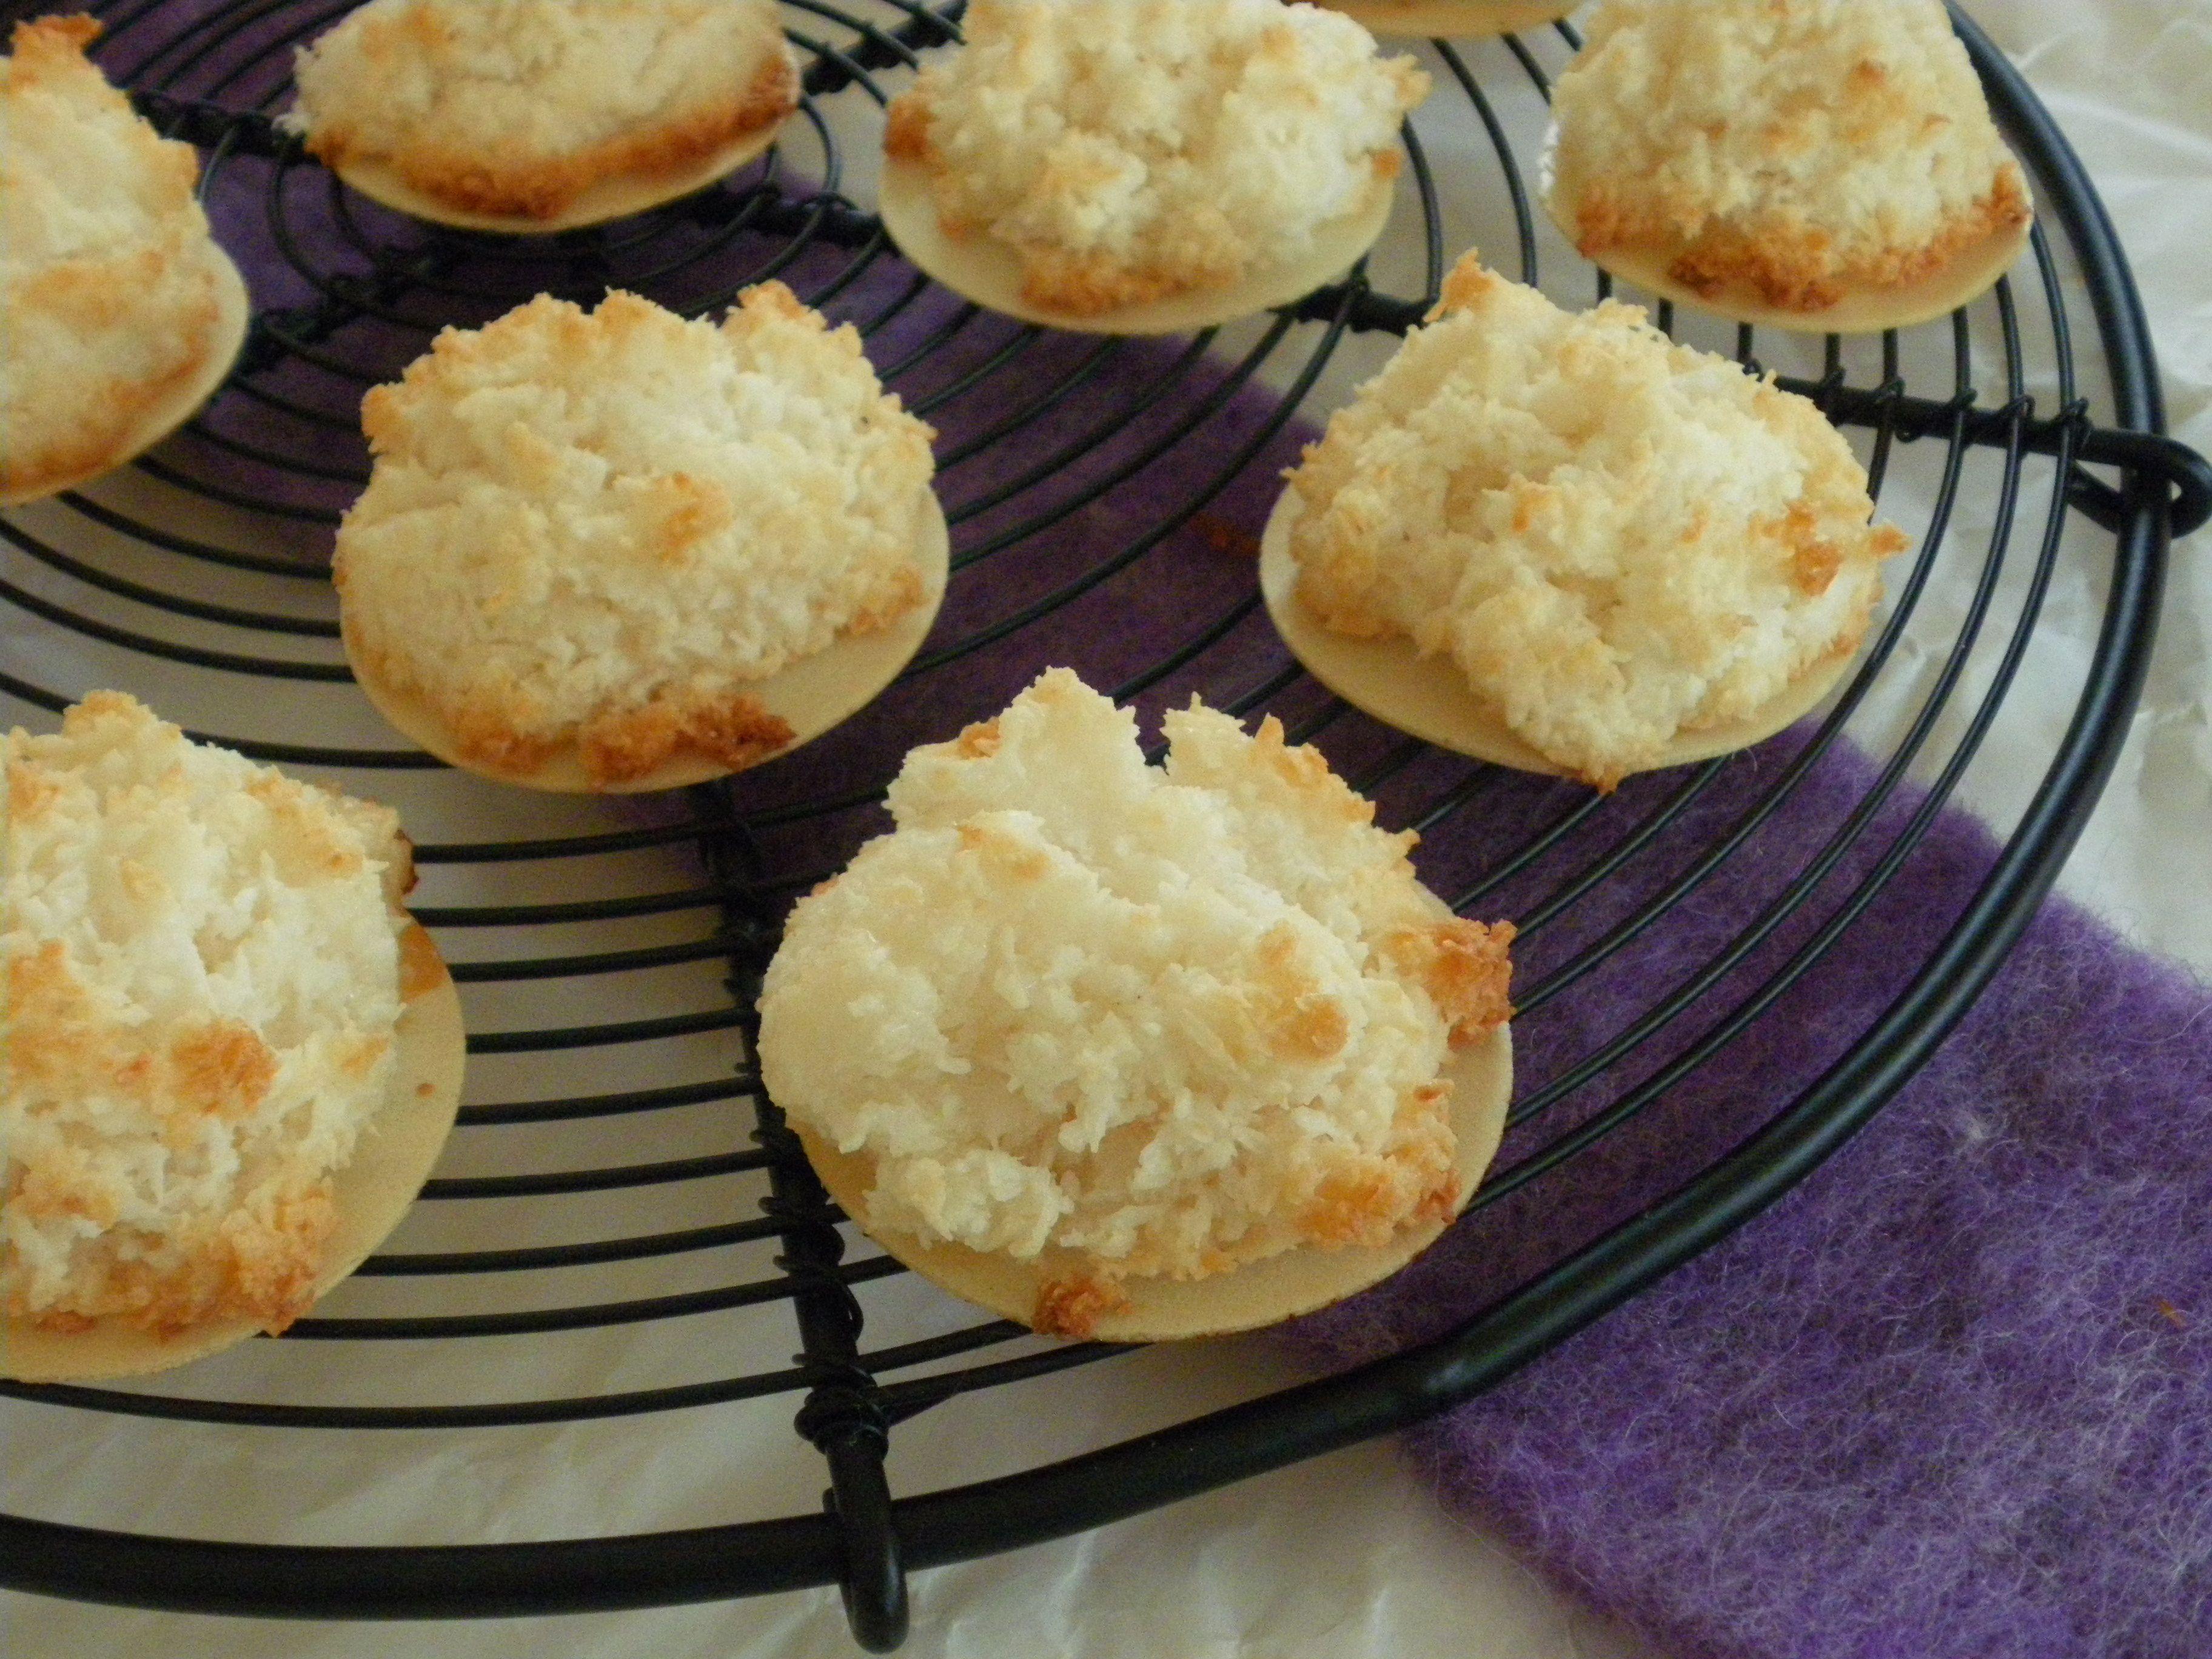 rezepte kuchen pl tzchen vegane kokosmakronen ohne ei ersatz ohne soja vegan. Black Bedroom Furniture Sets. Home Design Ideas